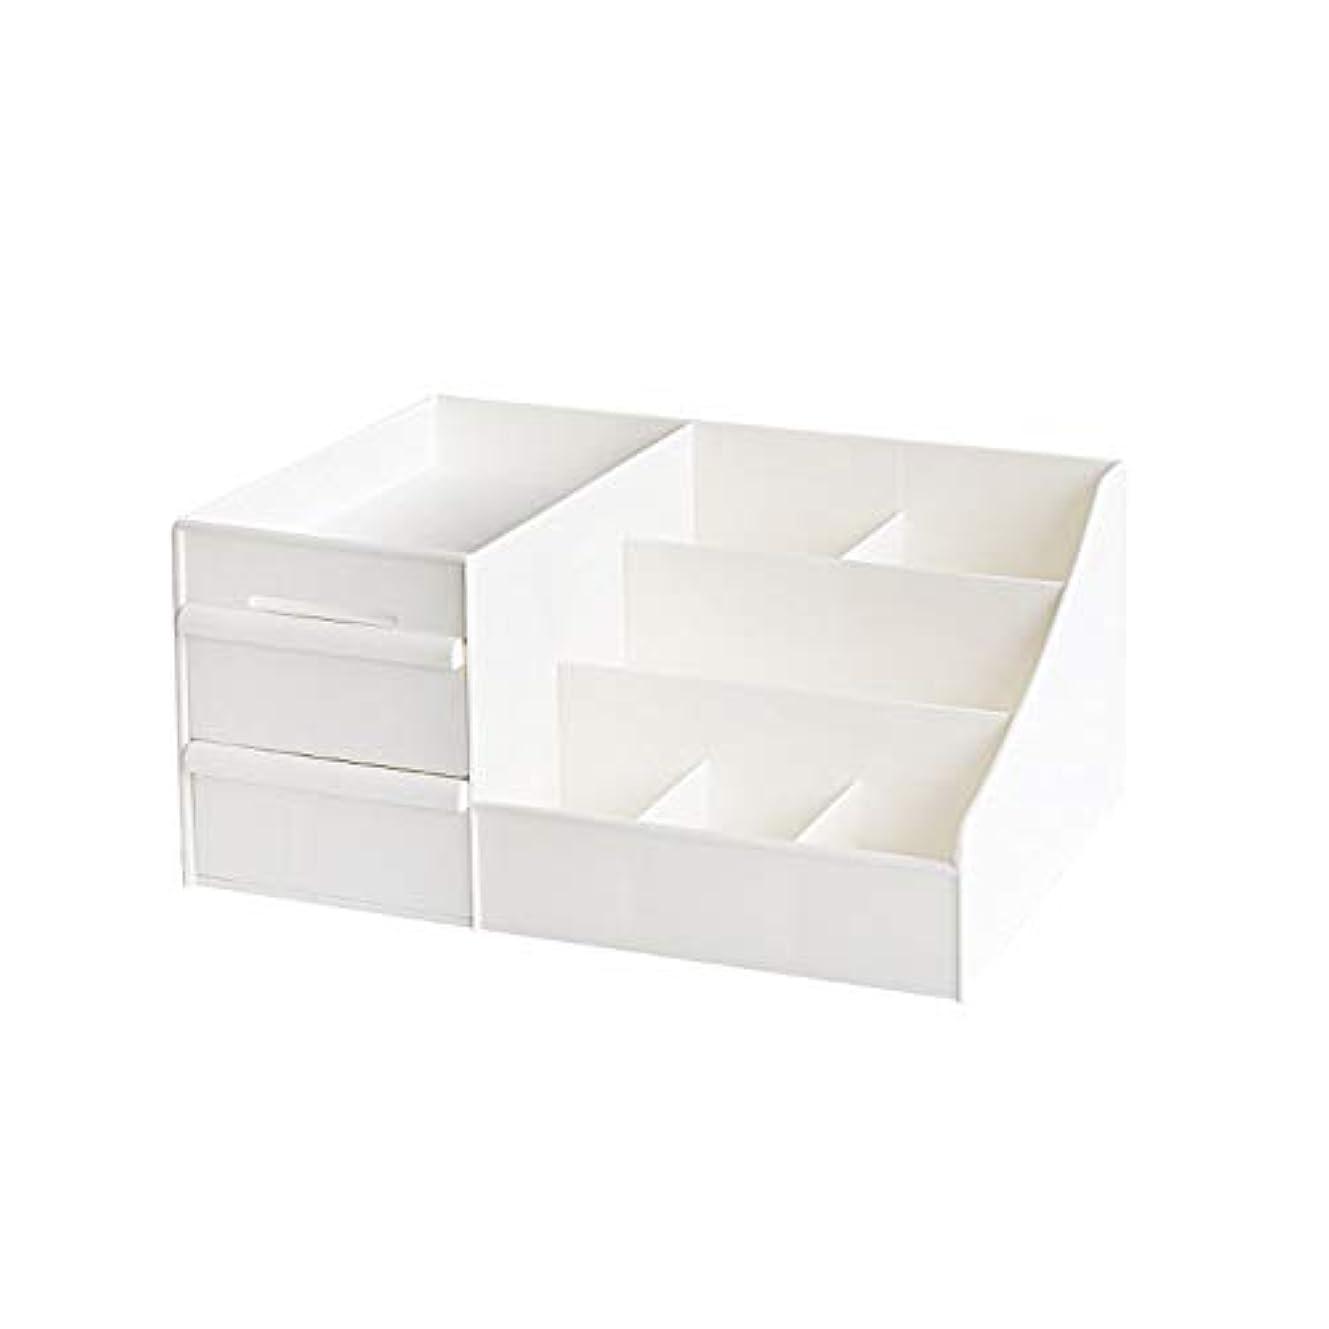 カイウス段階マトロンBostar 化粧品収納ボックス メイクボックス コスメケース 引き出し 小物入れ 収納ケース 整理簡単 レディース 北欧 おしゃれ ホワイト